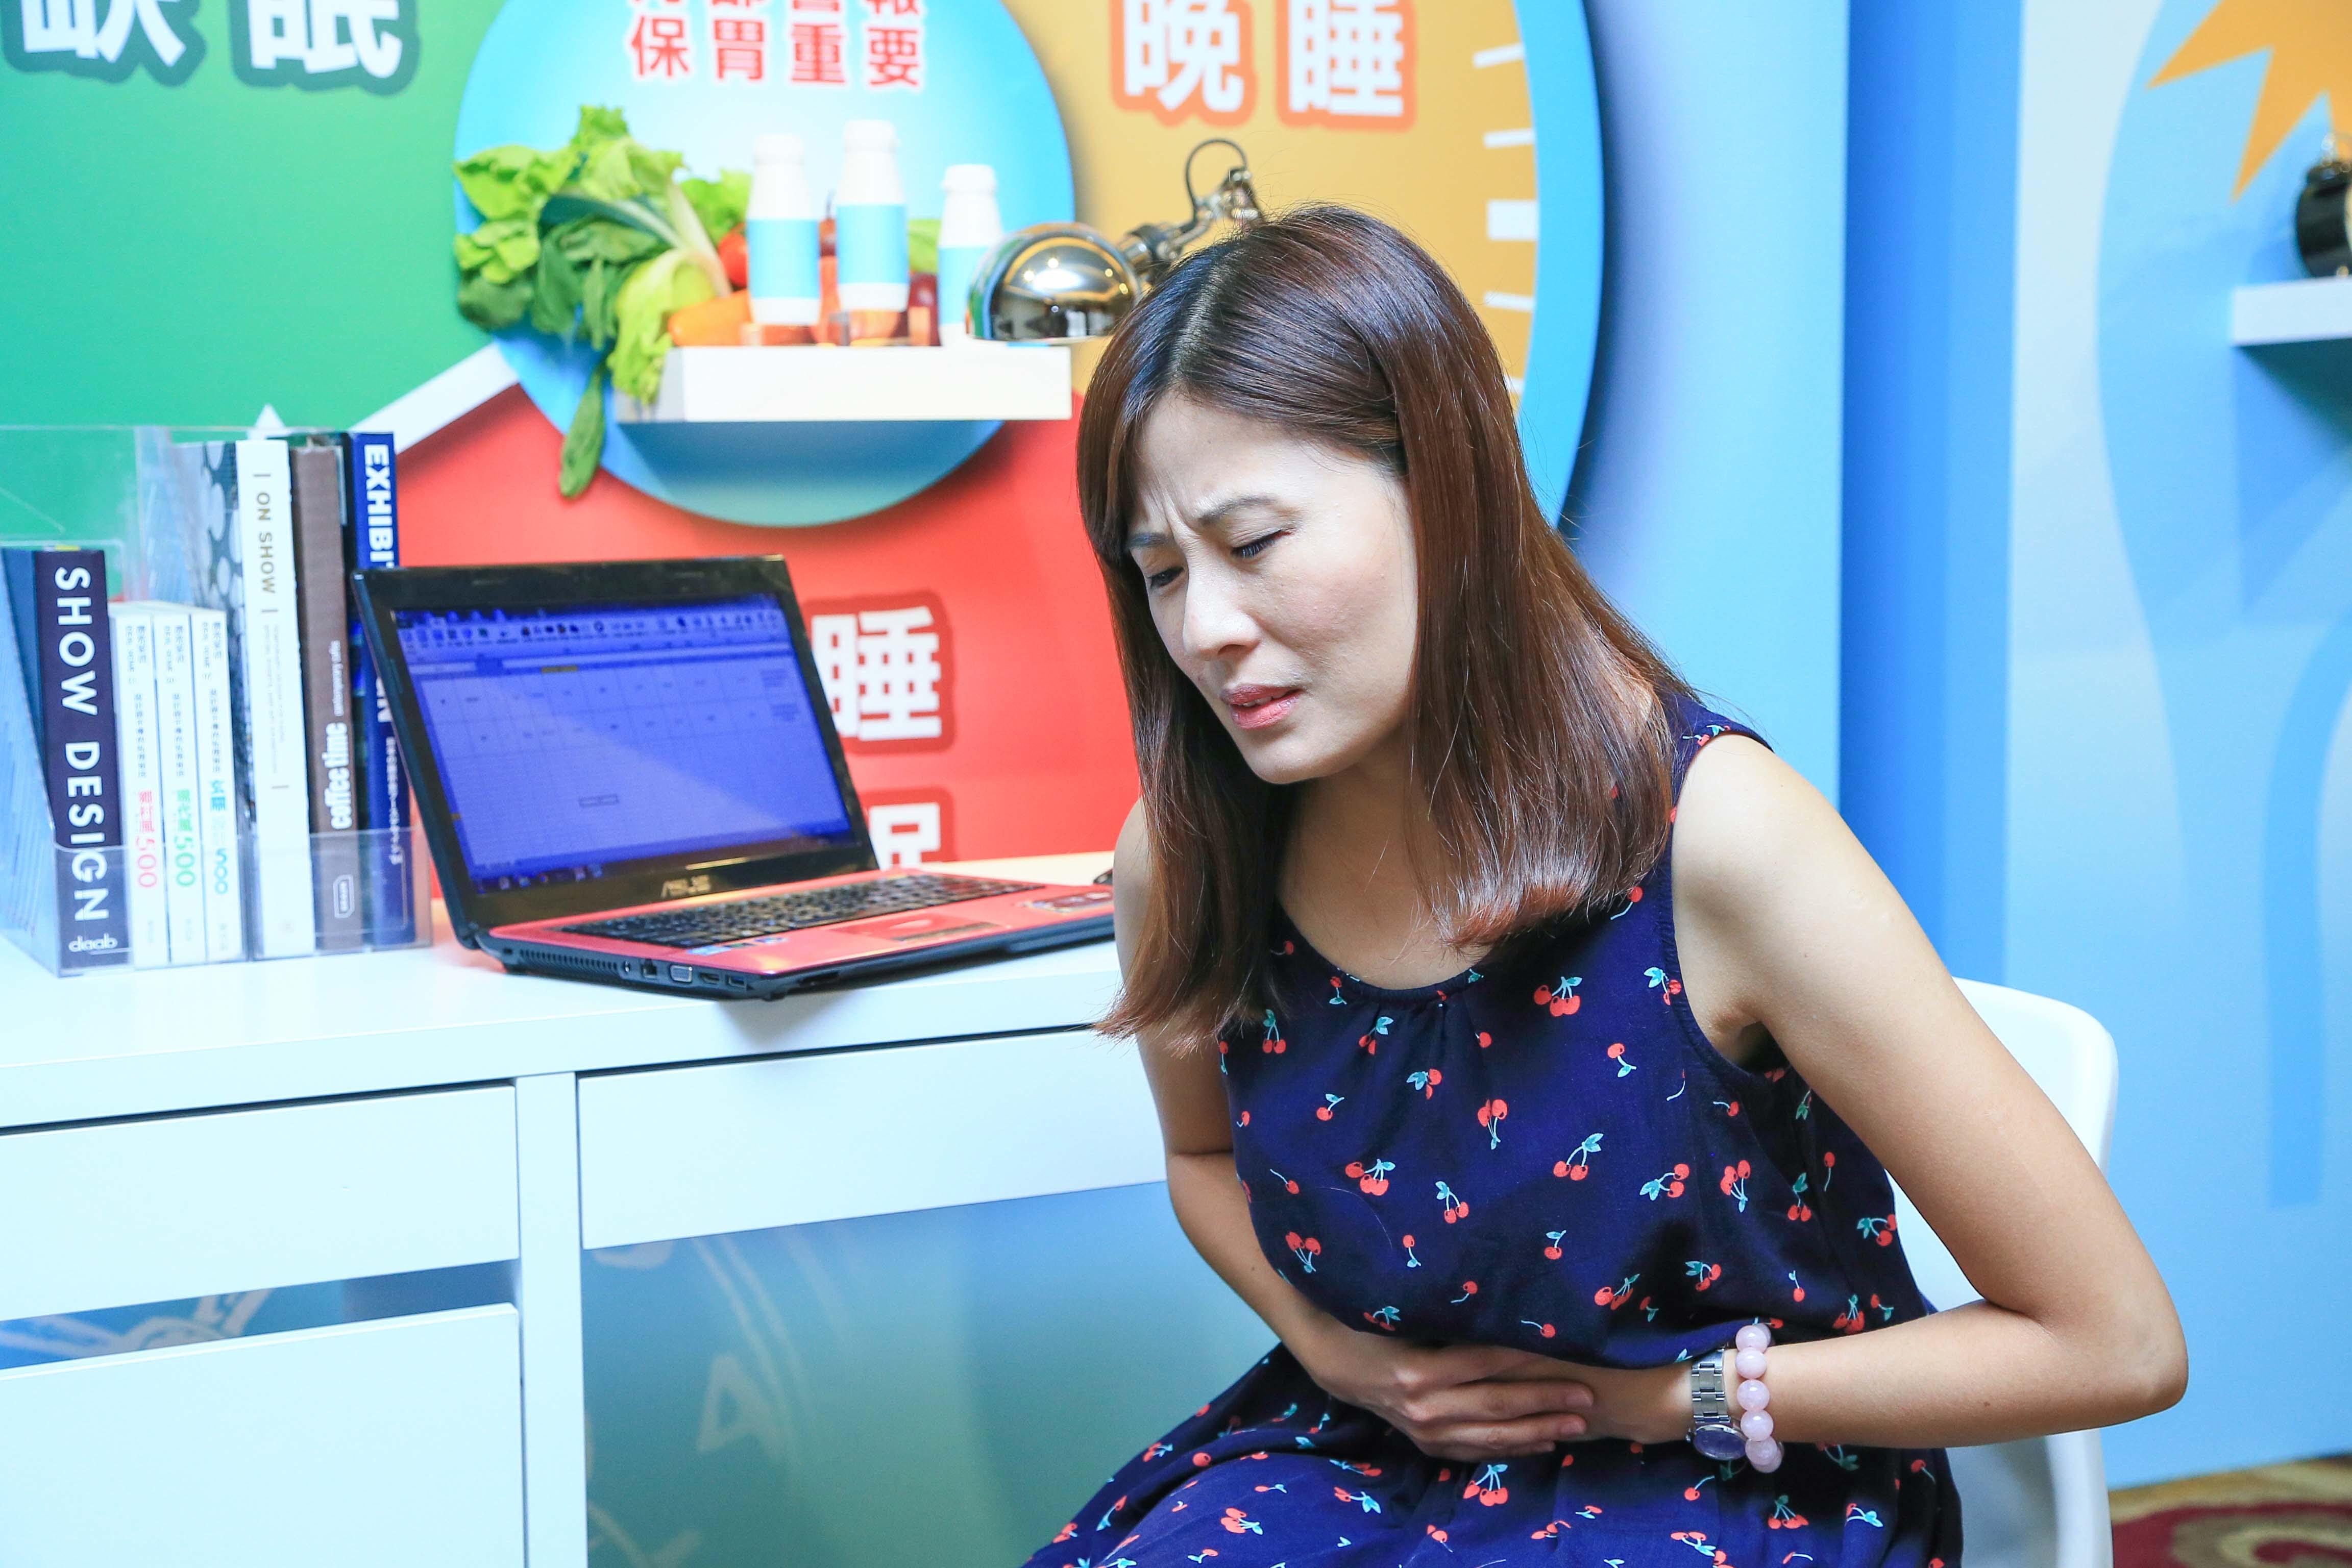 蔡小姐除了工作外還要兼顧家庭,有晚睡、睡眠時數不足情形,因此常有胃部不適問題,也反向影響了睡眠及工作狀況。